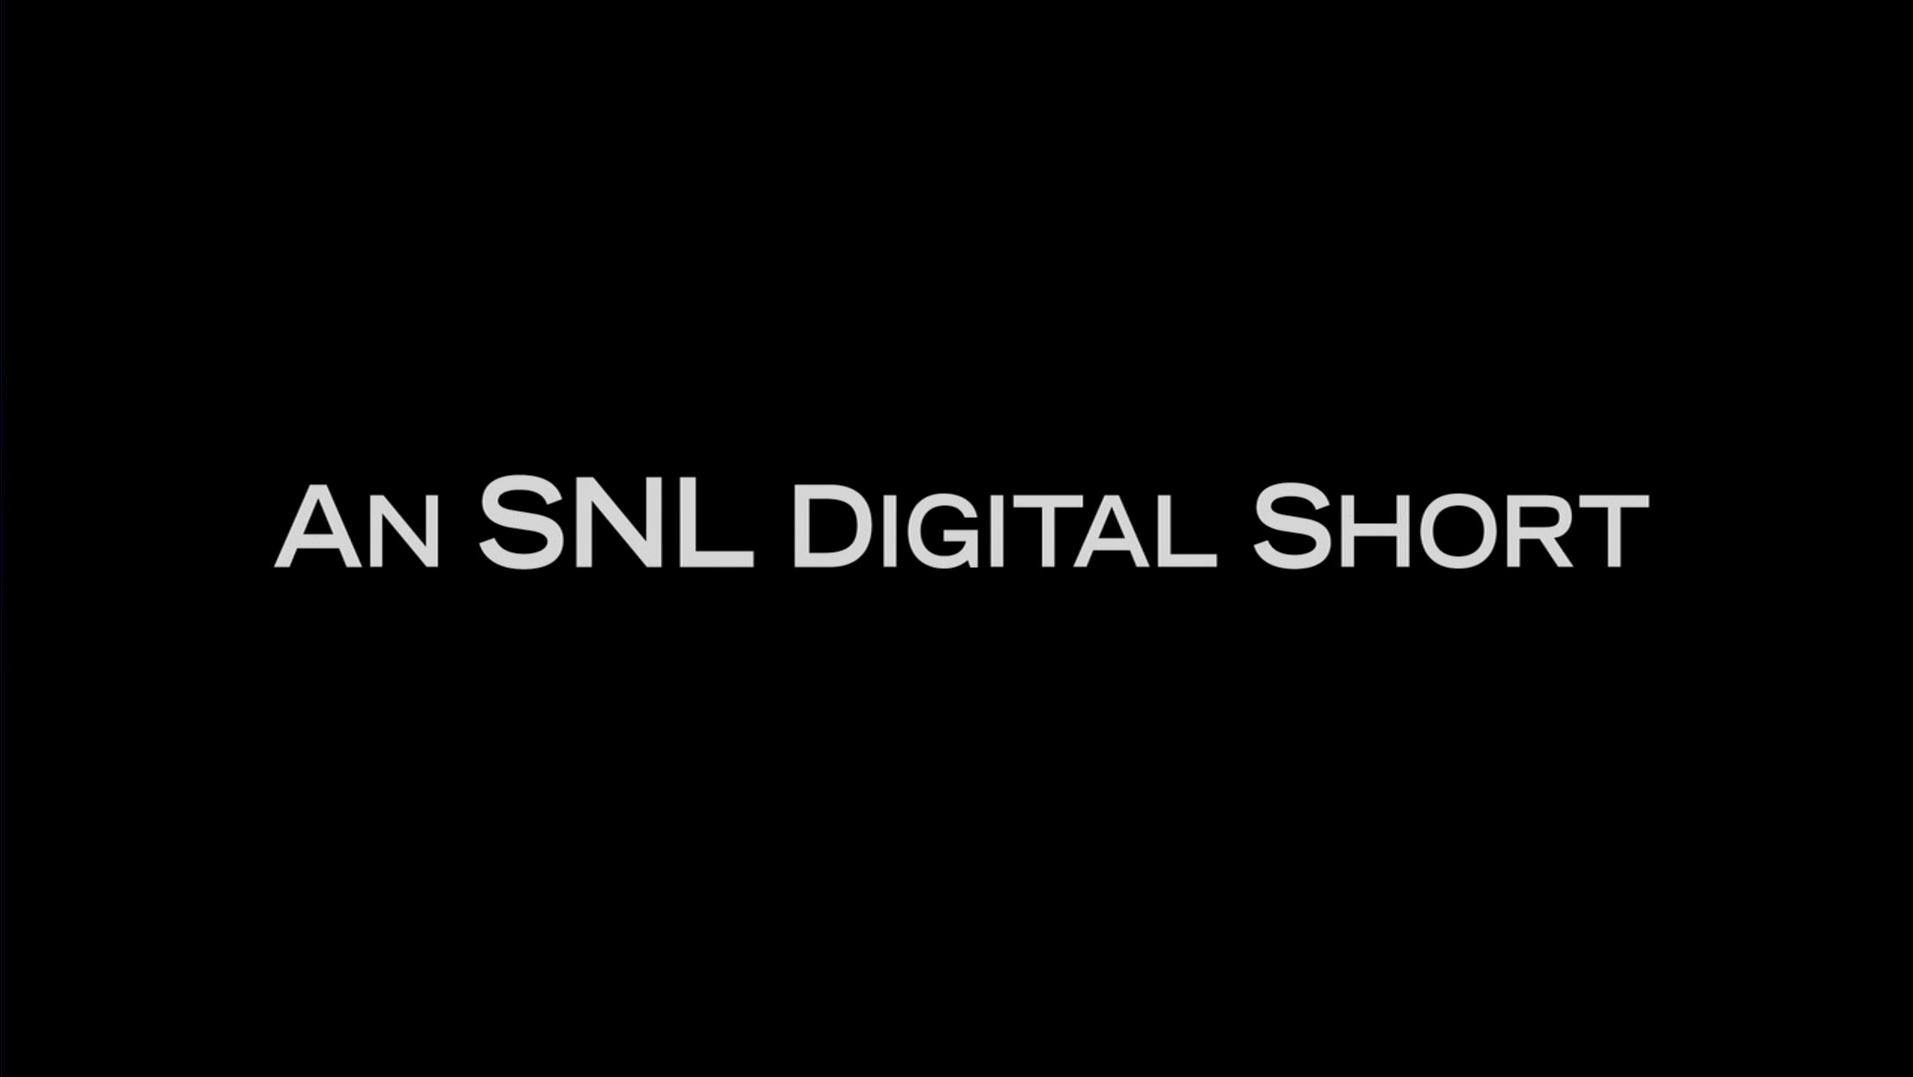 SNL Digital Short